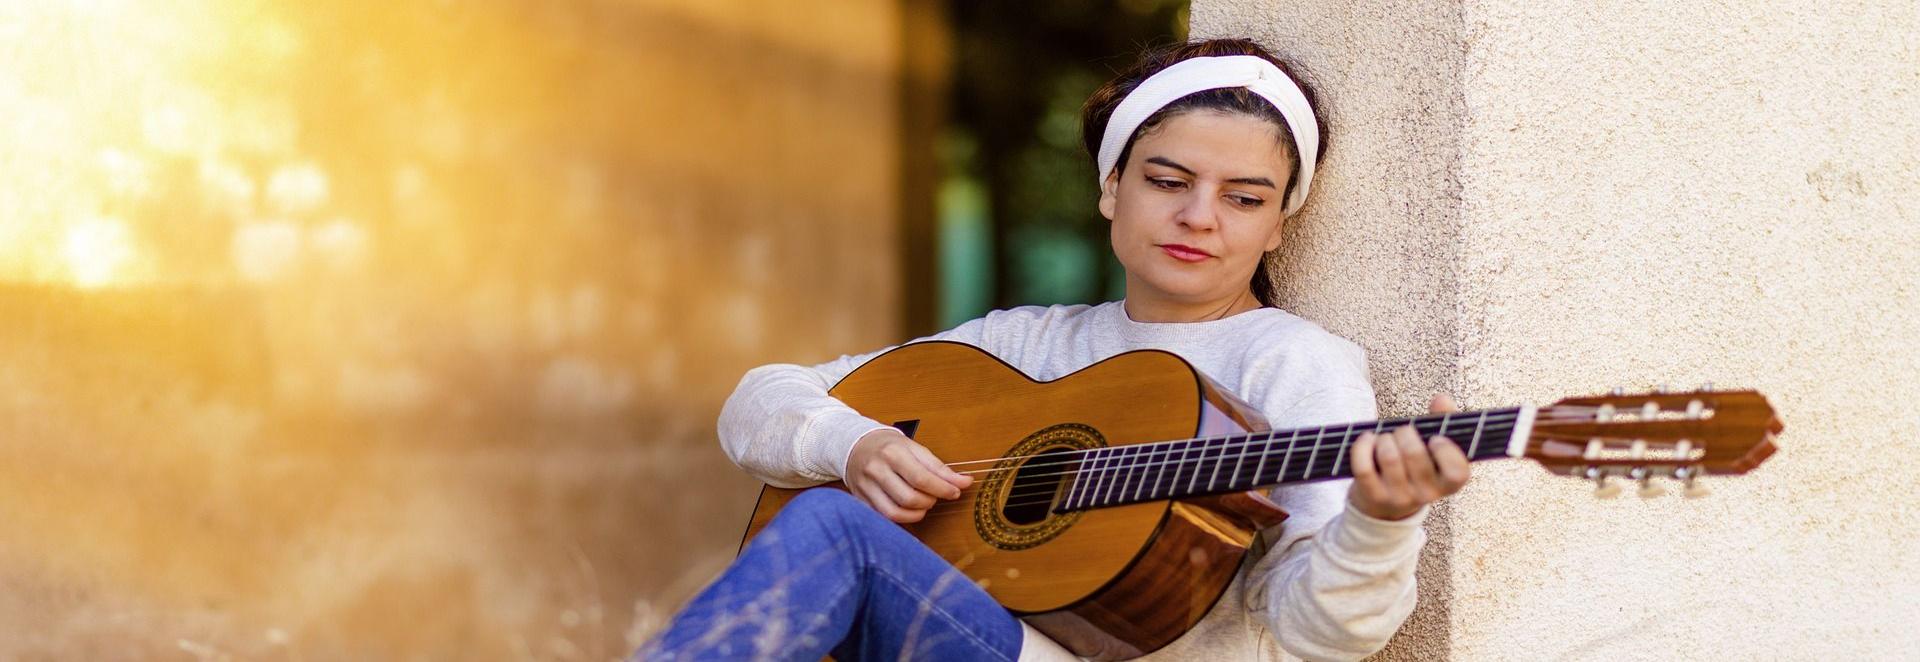 <h1>Wir schützen Ihr wertvolles Instrument mit einer Musikinstrumenten-Versicherung. Zuhause, im Proberaum, auf Reisen und bei Auftritten</h1>